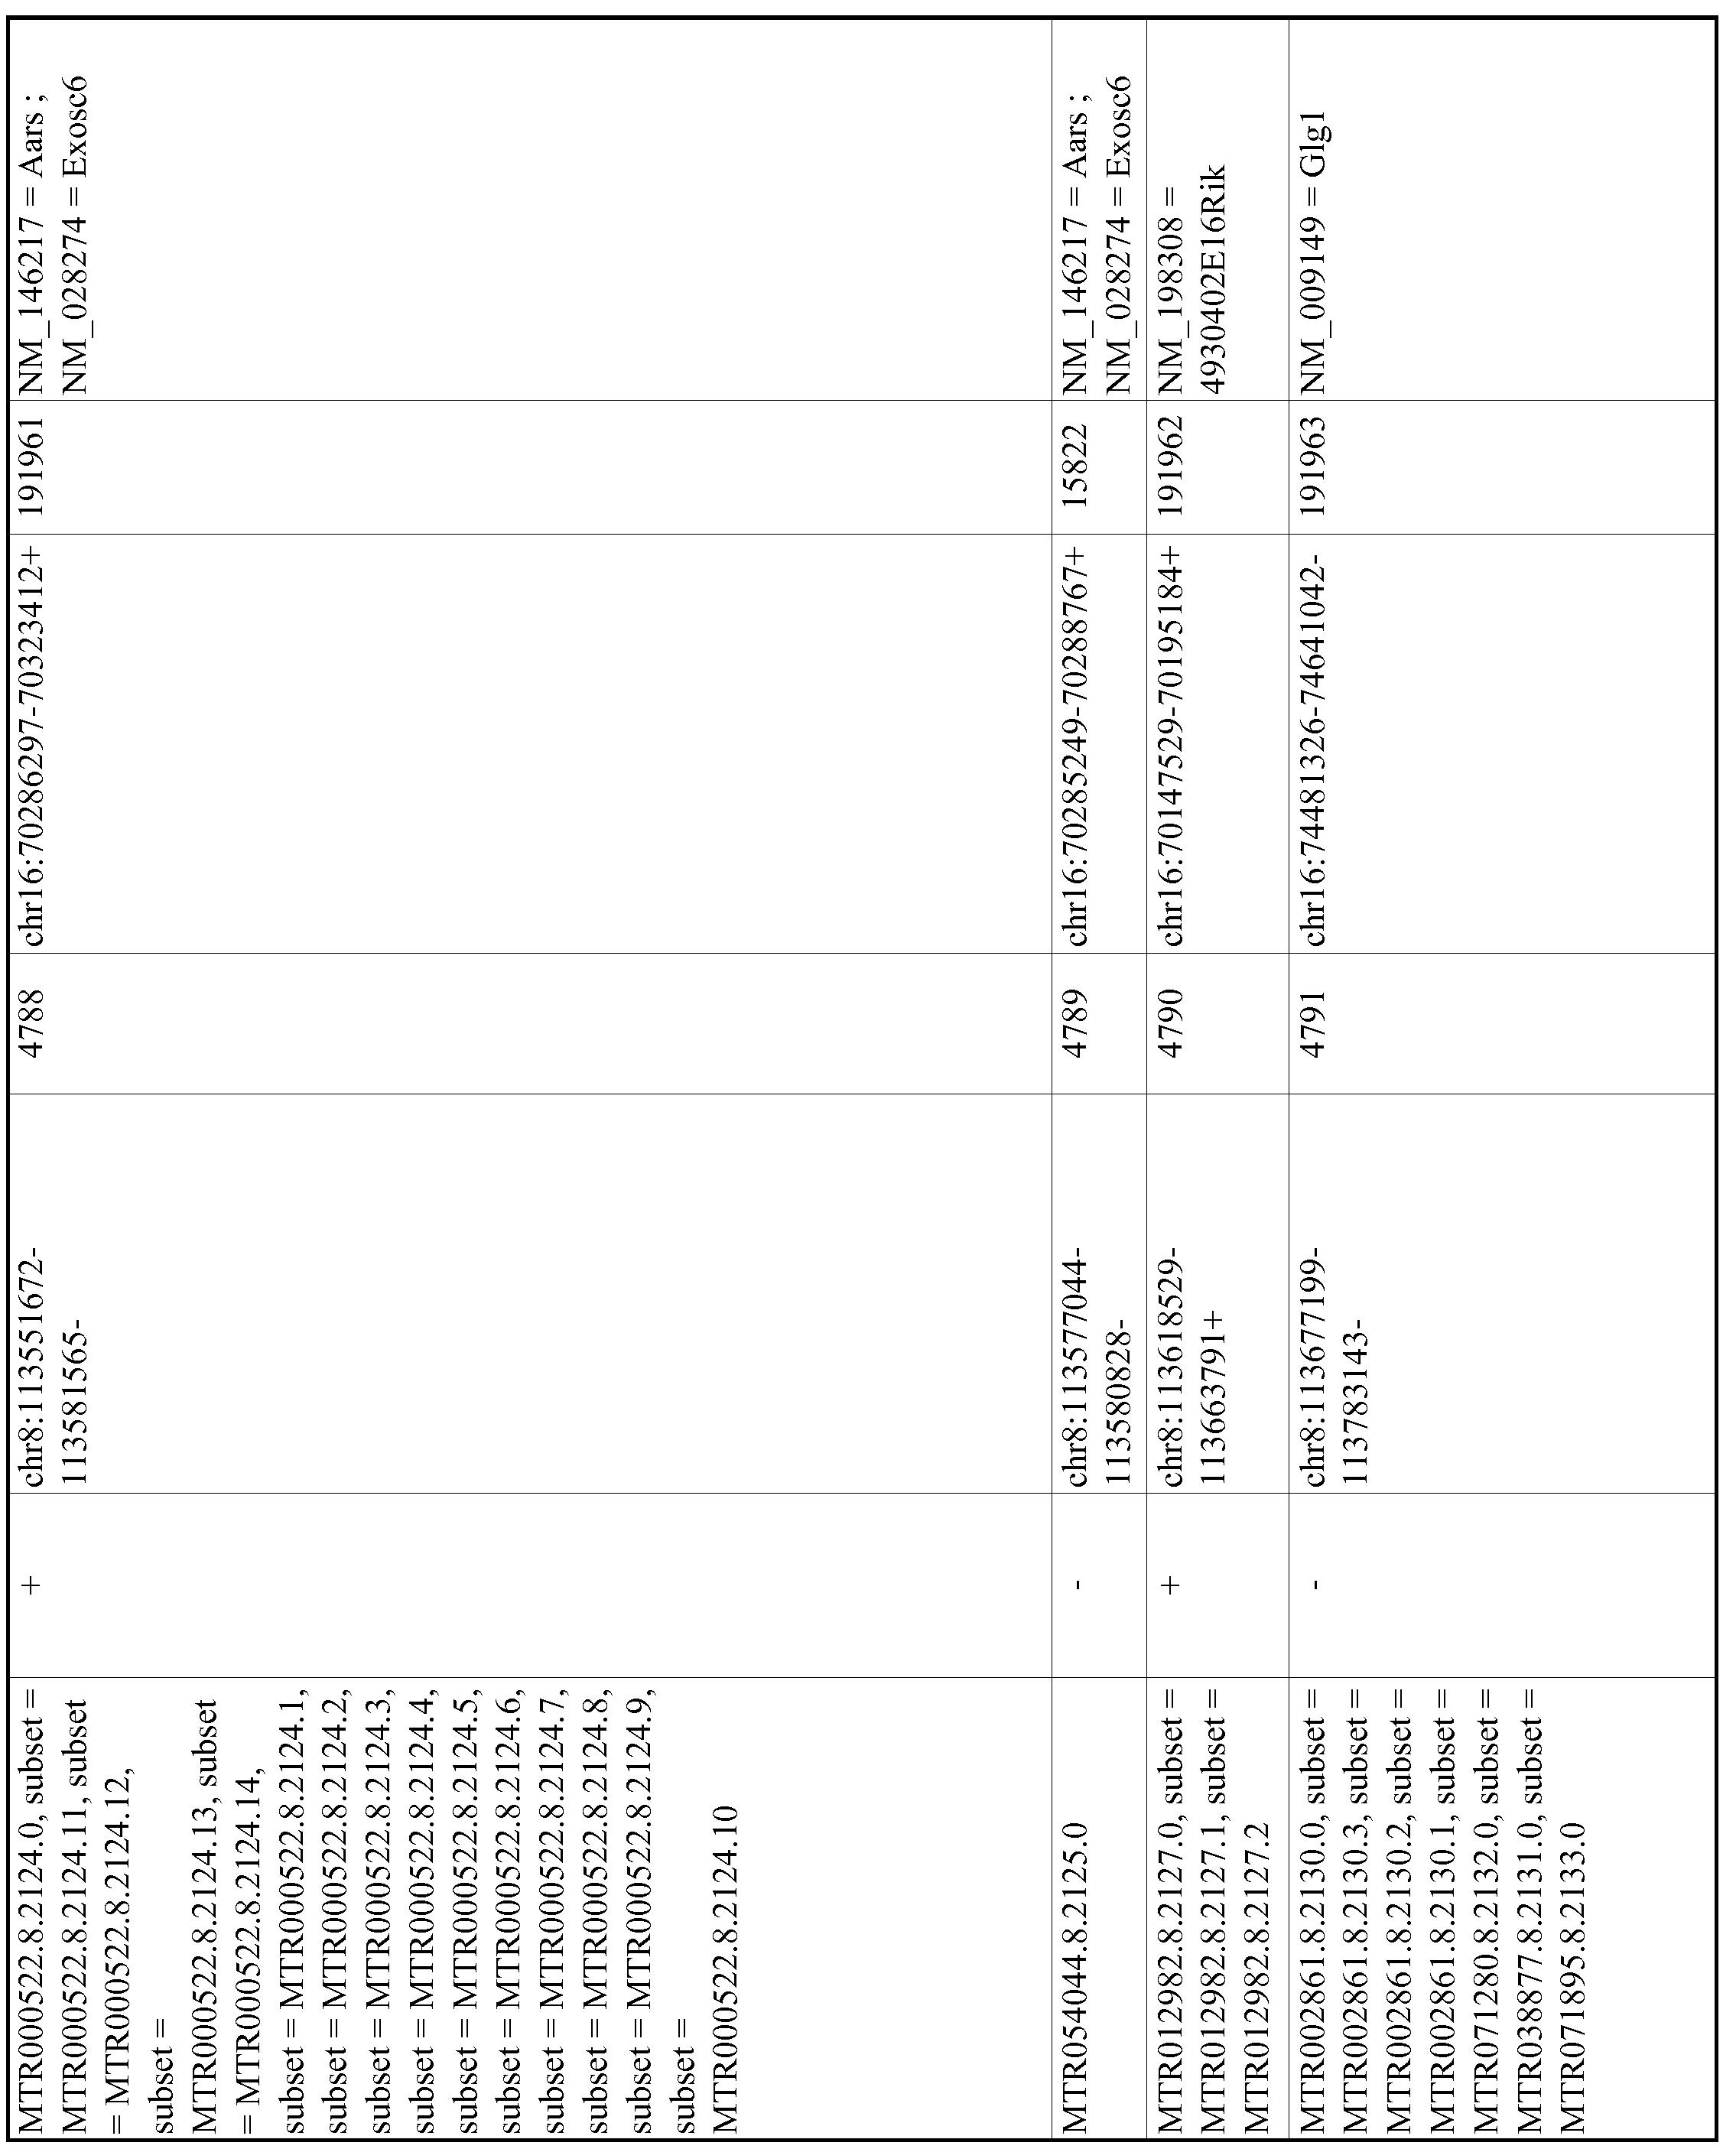 Figure imgf000885_0001